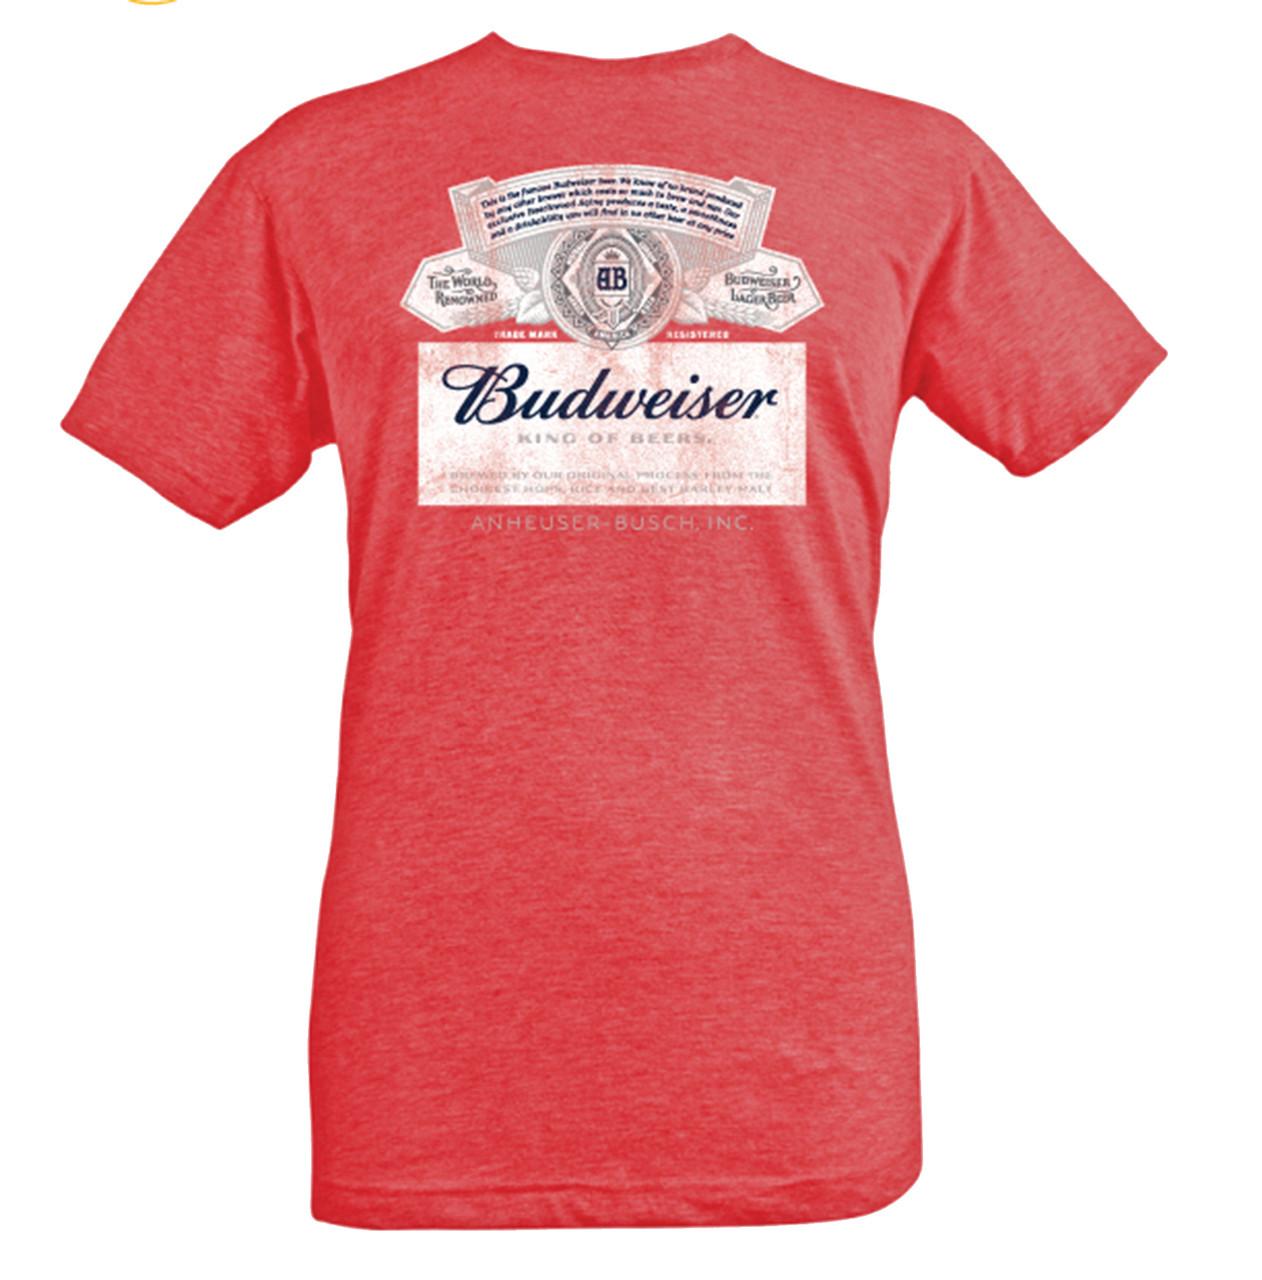 f998b817a Brew City Beer Gear Budweiser Current Label Short Sleeve T-shirt - Trenz  Shirt Company